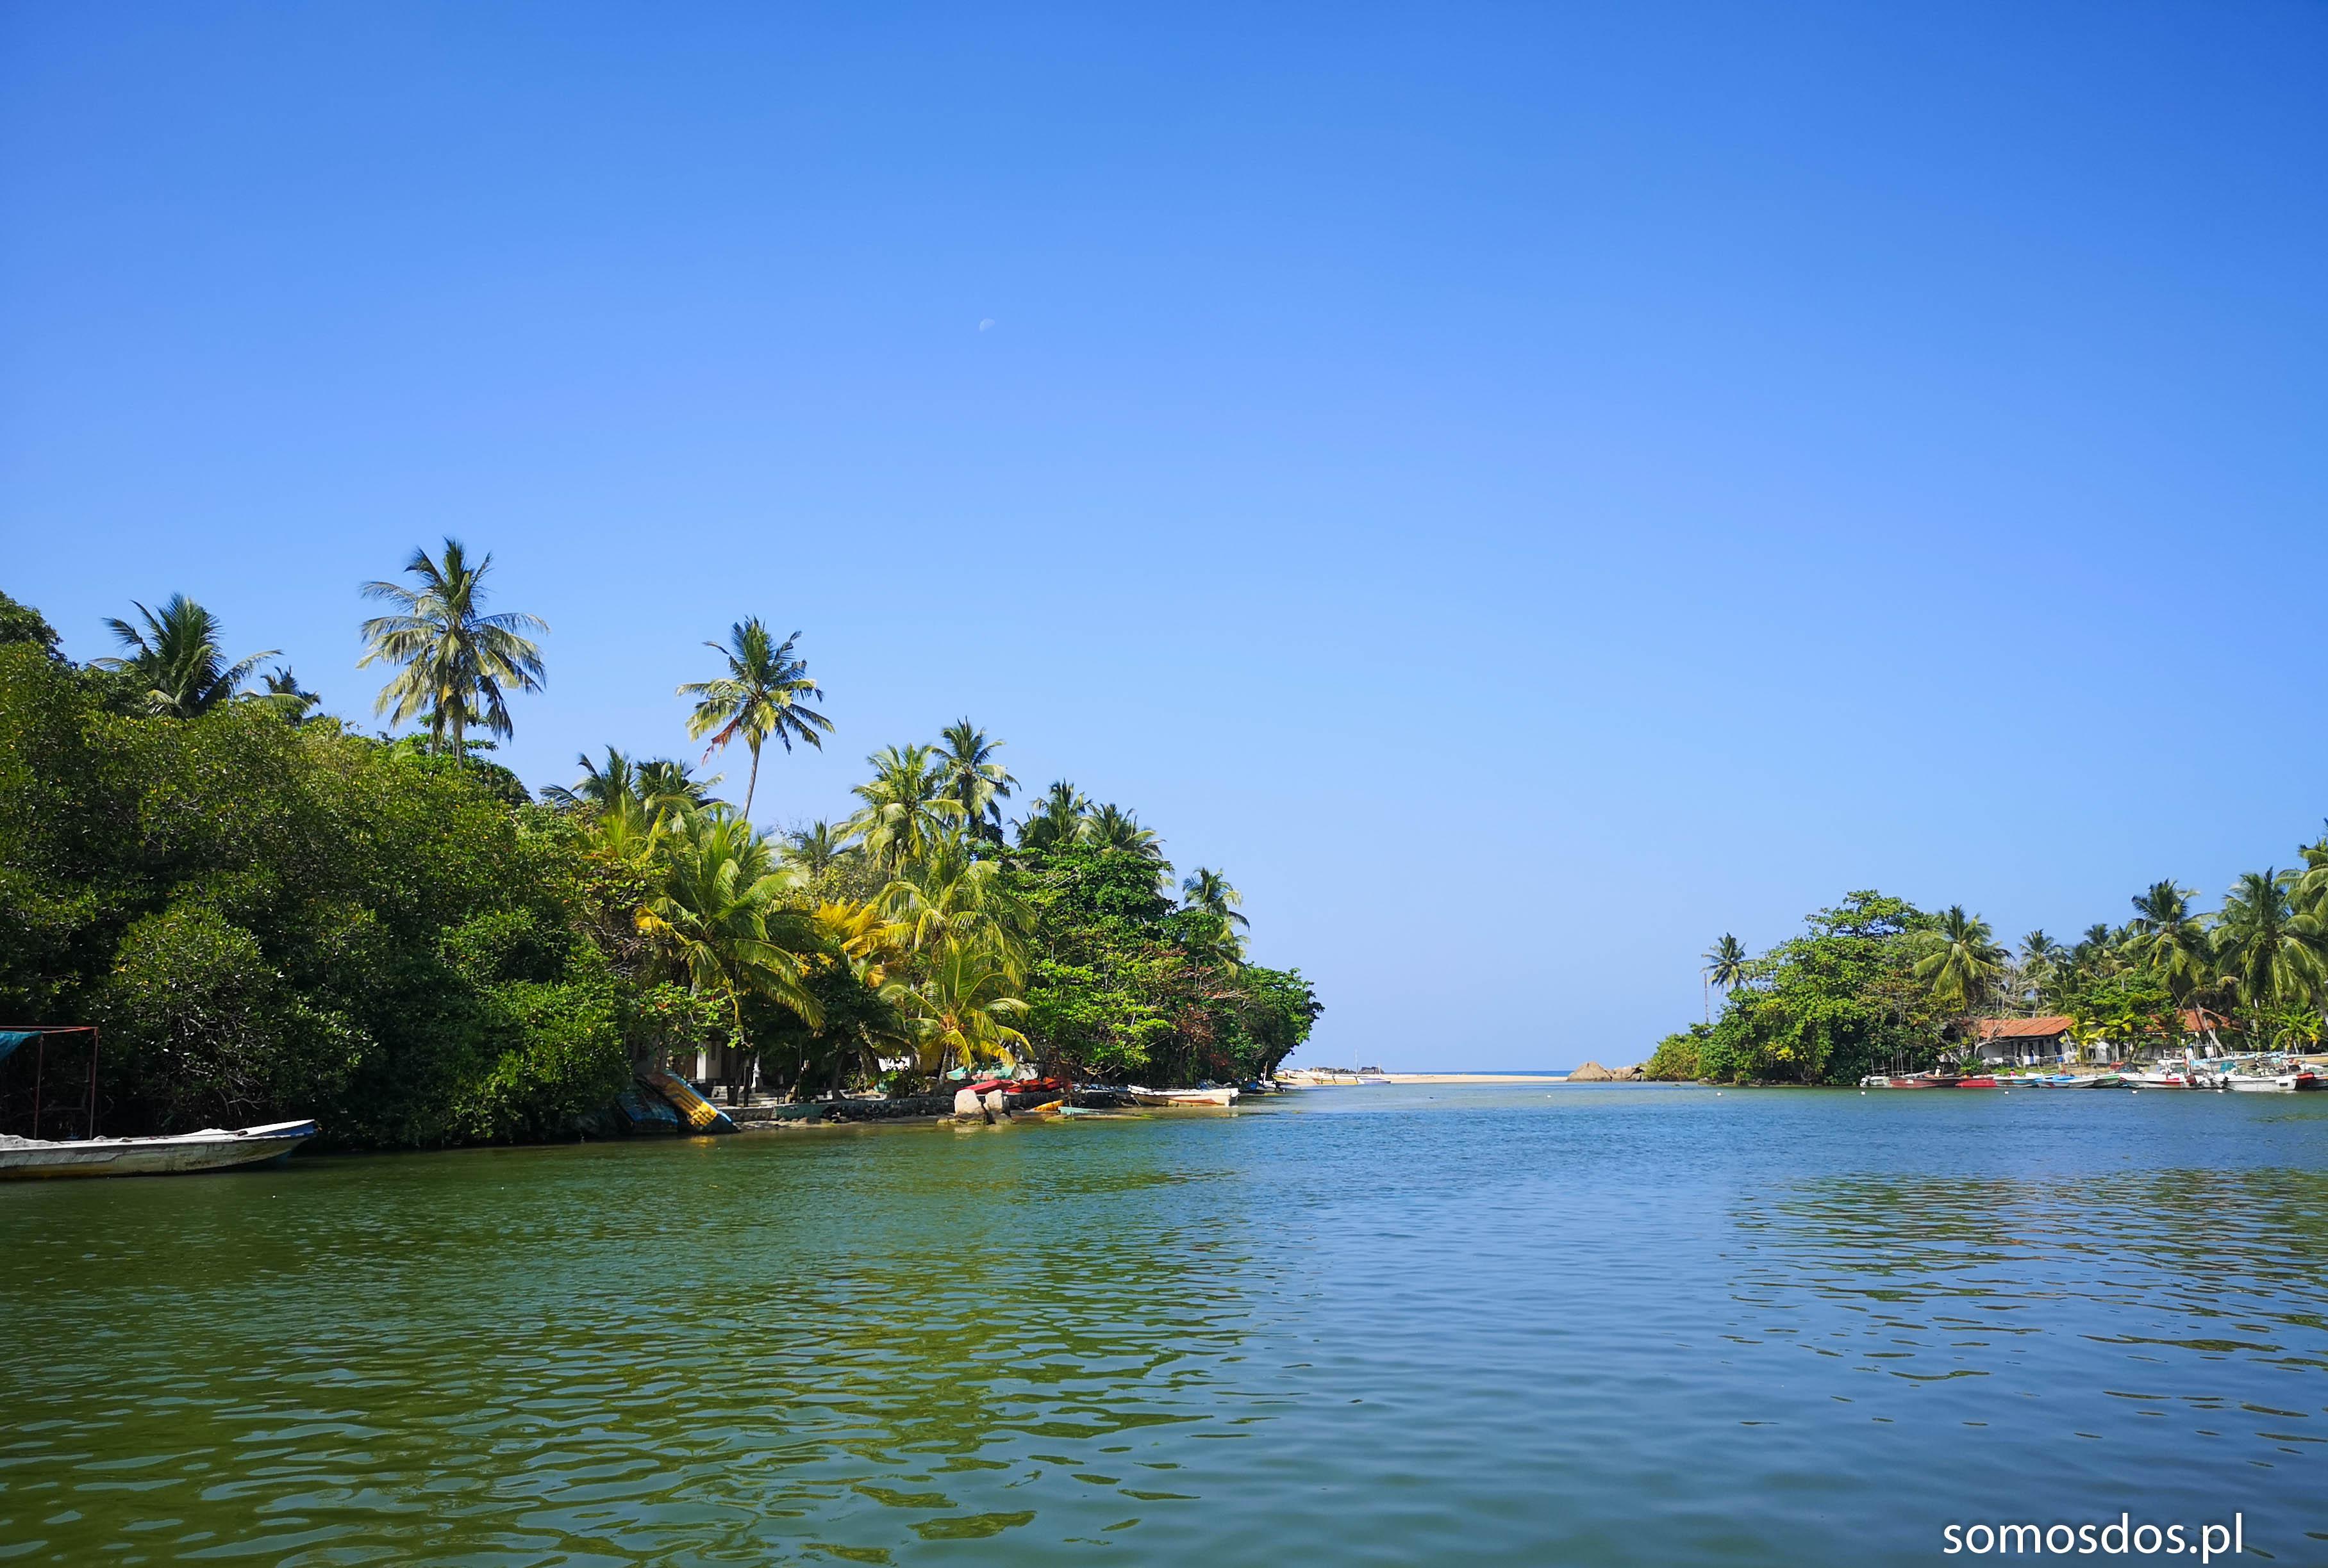 Ujścia lankijskich rzek mają w sobie wiele uroku.